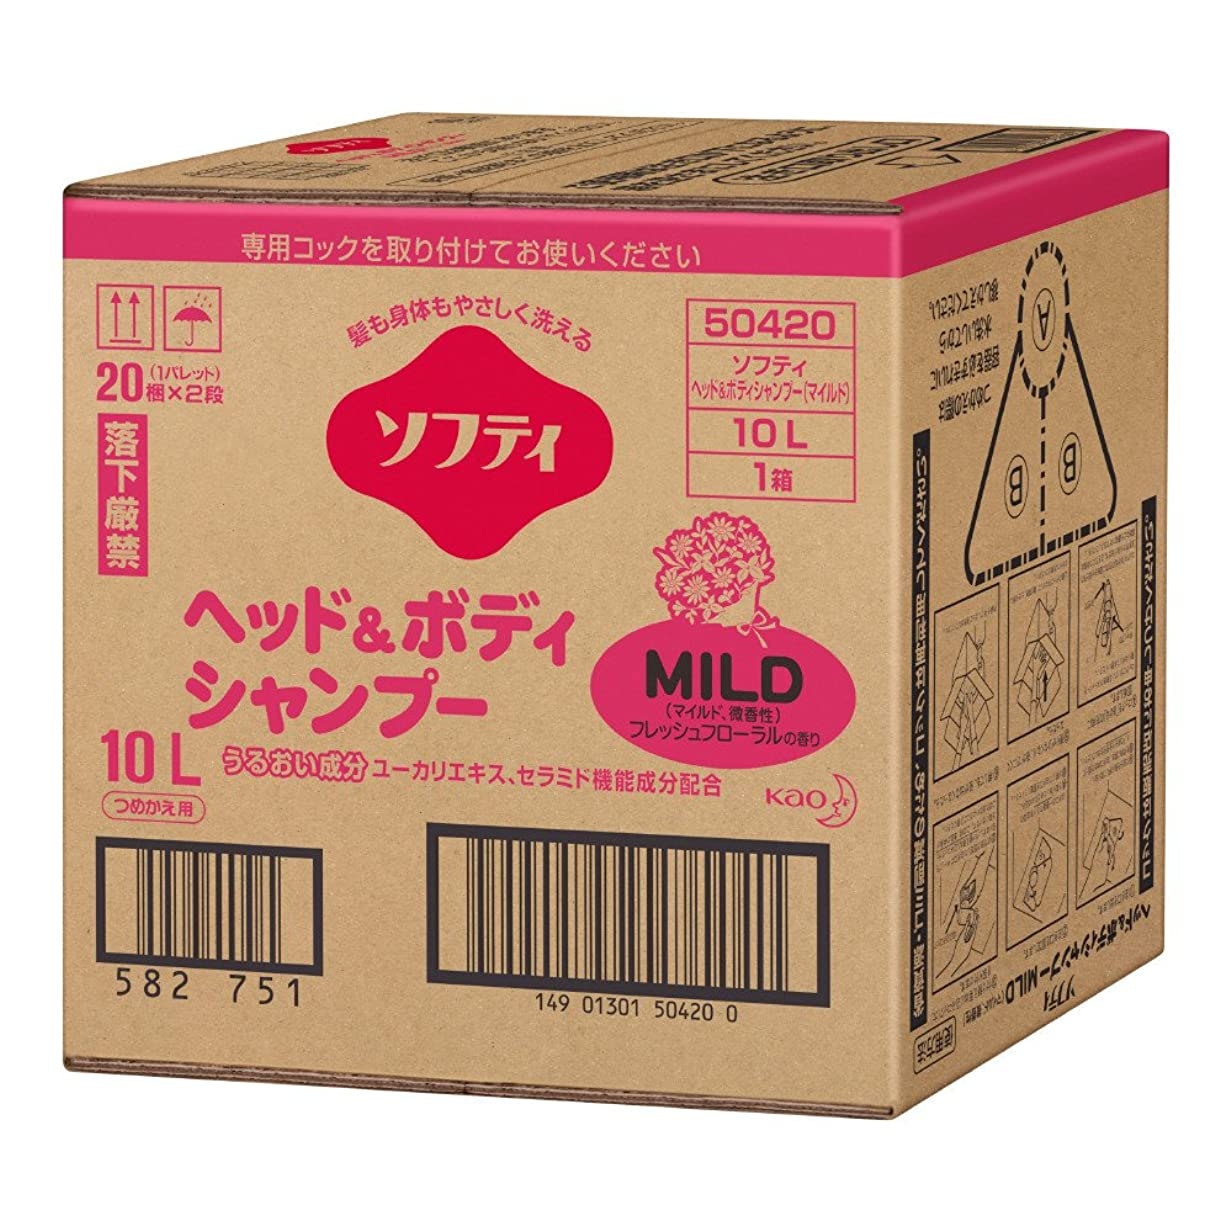 電話ビタミン嫌がらせソフティ ヘッド&ボディシャンプーMILD(マイルド) 10L バッグインボックスタイプ (花王プロフェッショナルシリーズ)